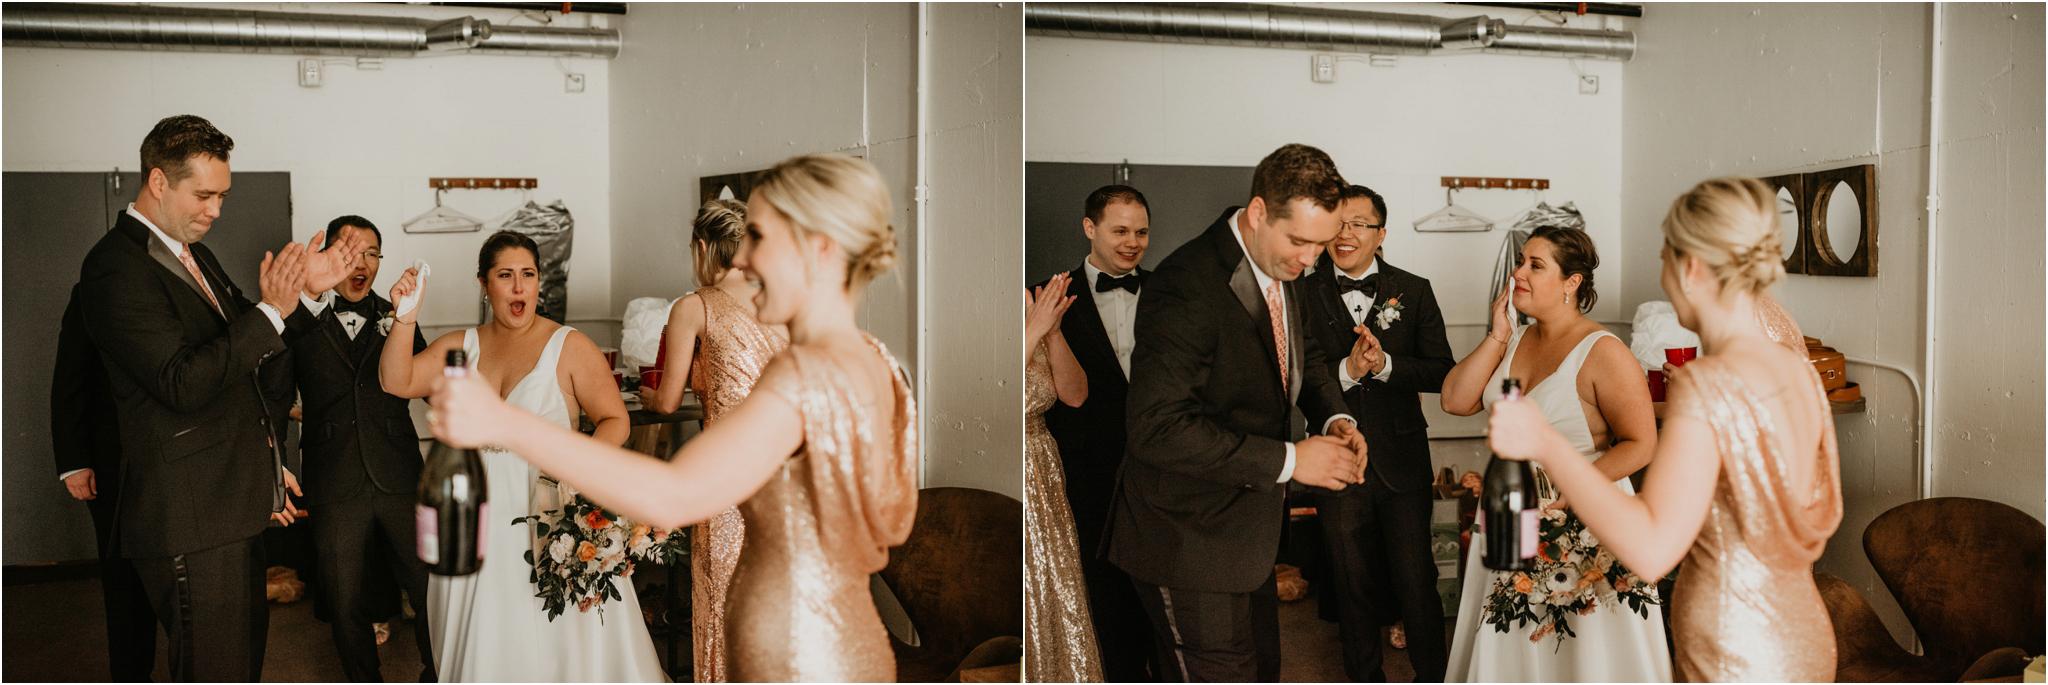 ashley-and-david-fremont-foundry-seattle-washington-wedding-photographer-080.jpg